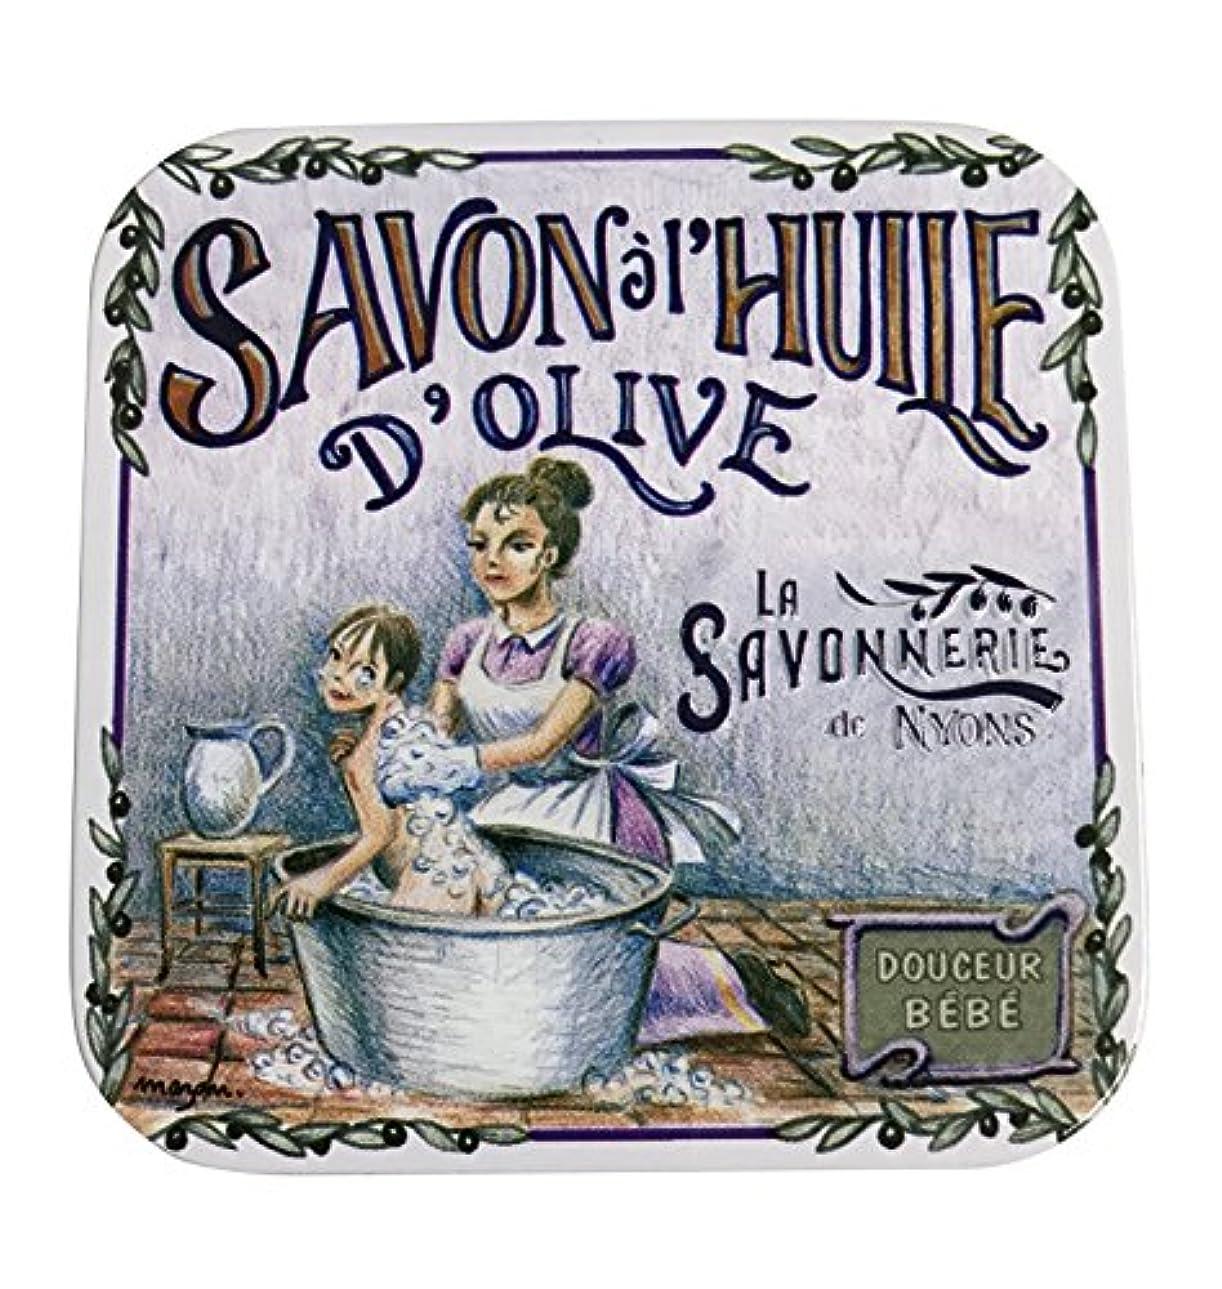 リスナーチャーターちらつきラ?サボネリー アンティーク缶入り石鹸 タイプ100 ハウスワイフ(ローズ)